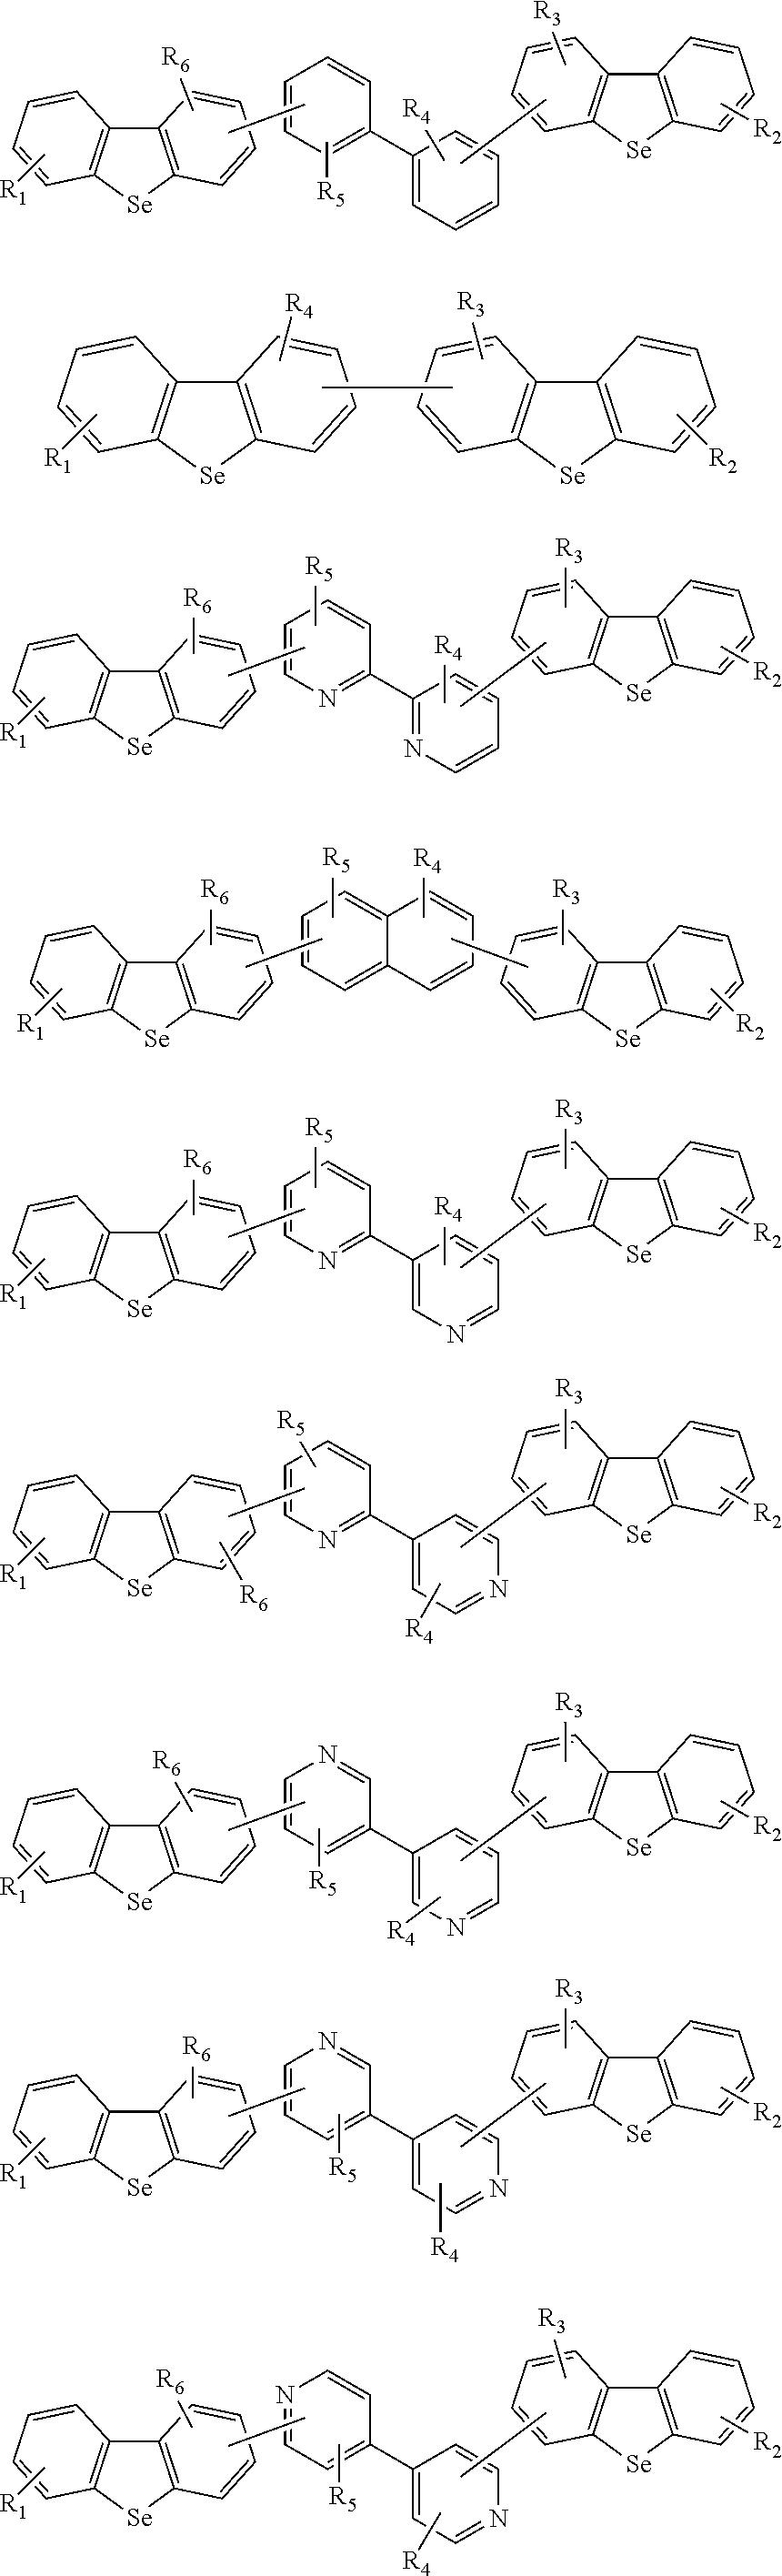 Figure US09455411-20160927-C00004